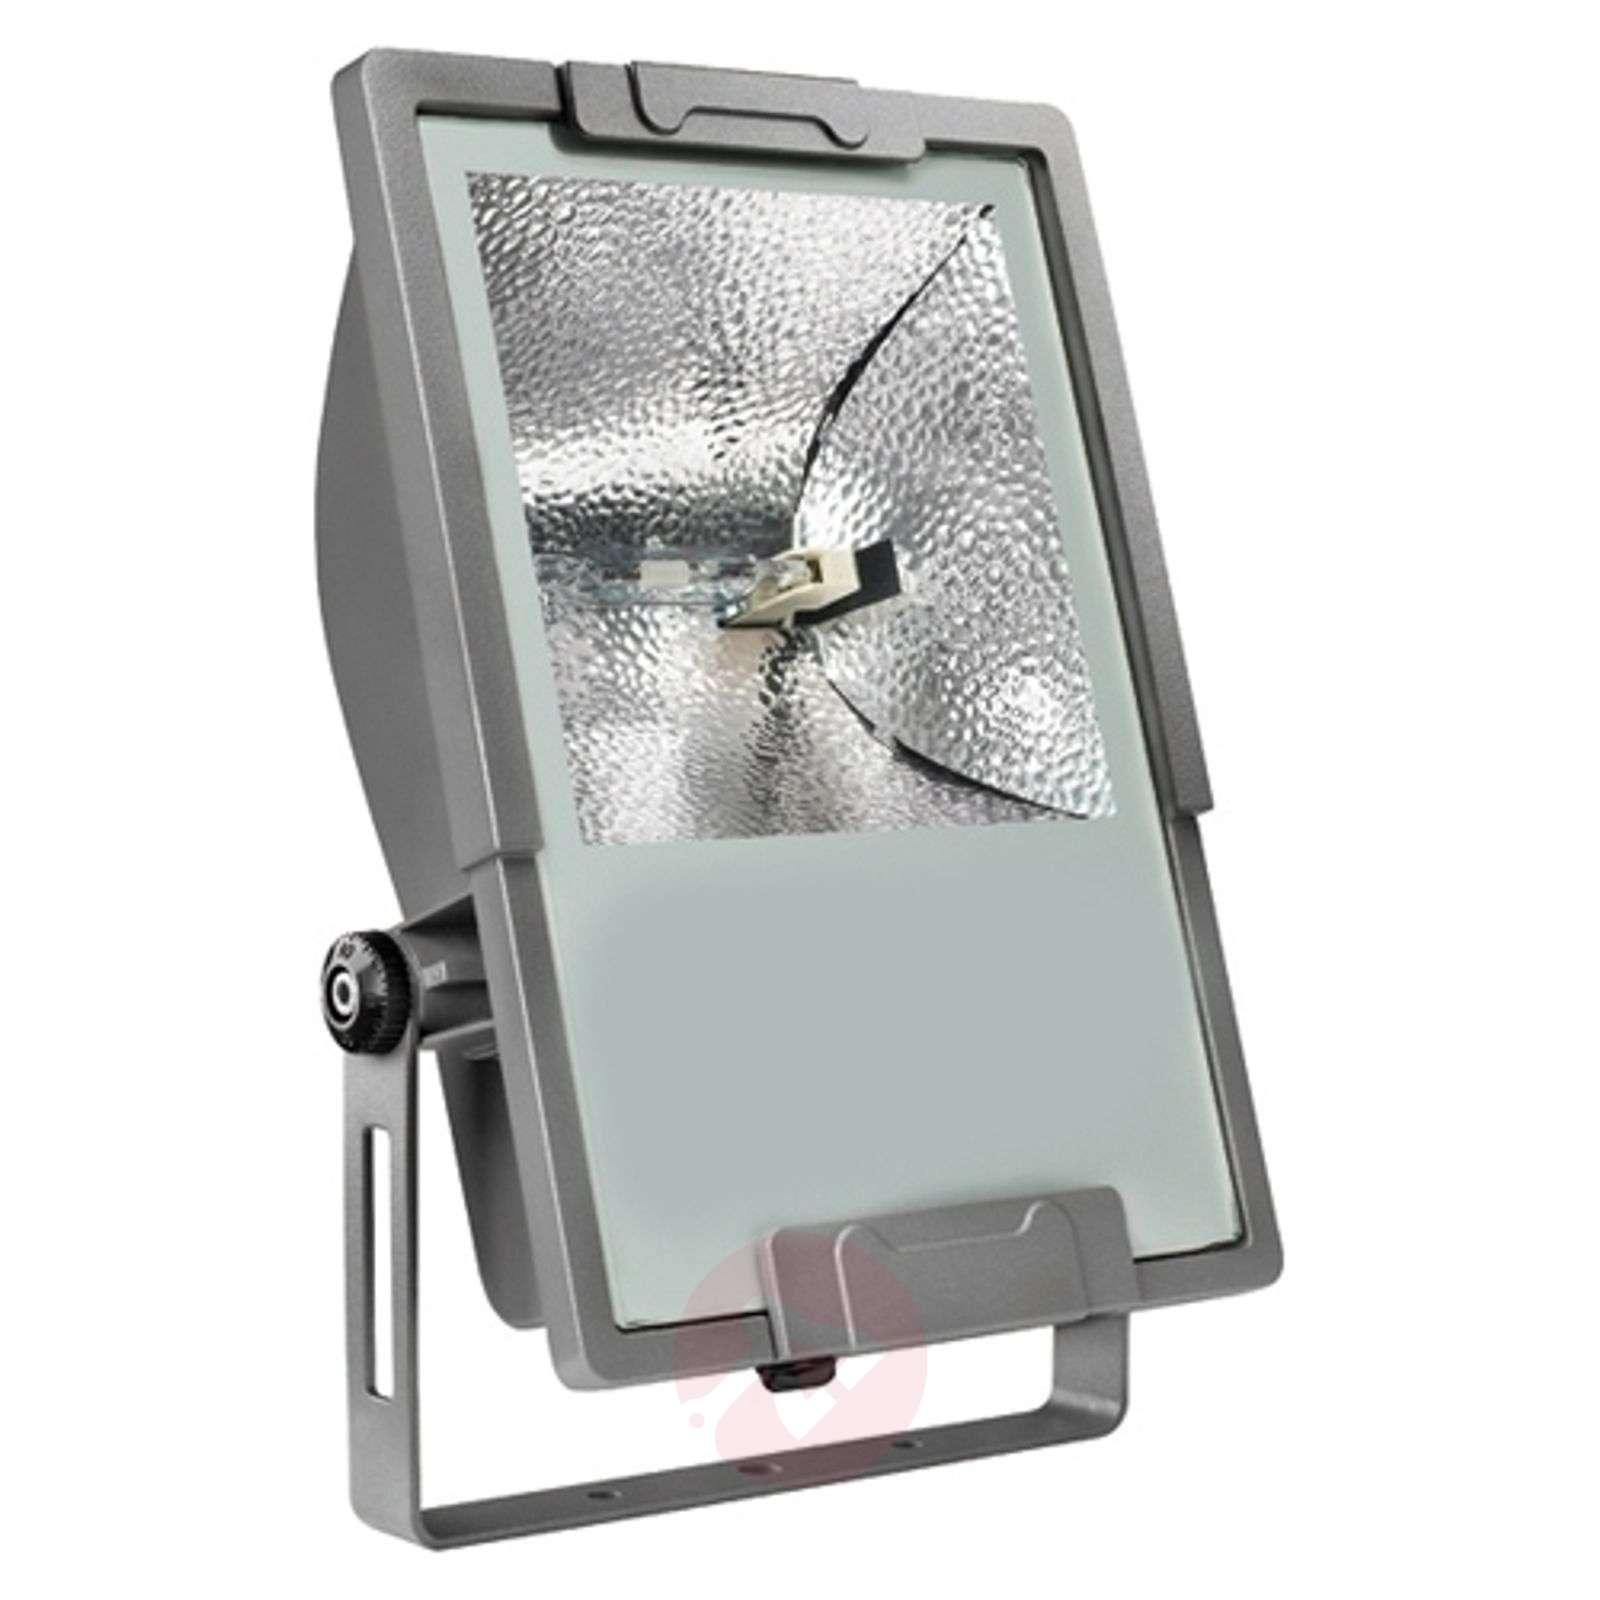 Compact floodlight MERCURIO-4003038X-01